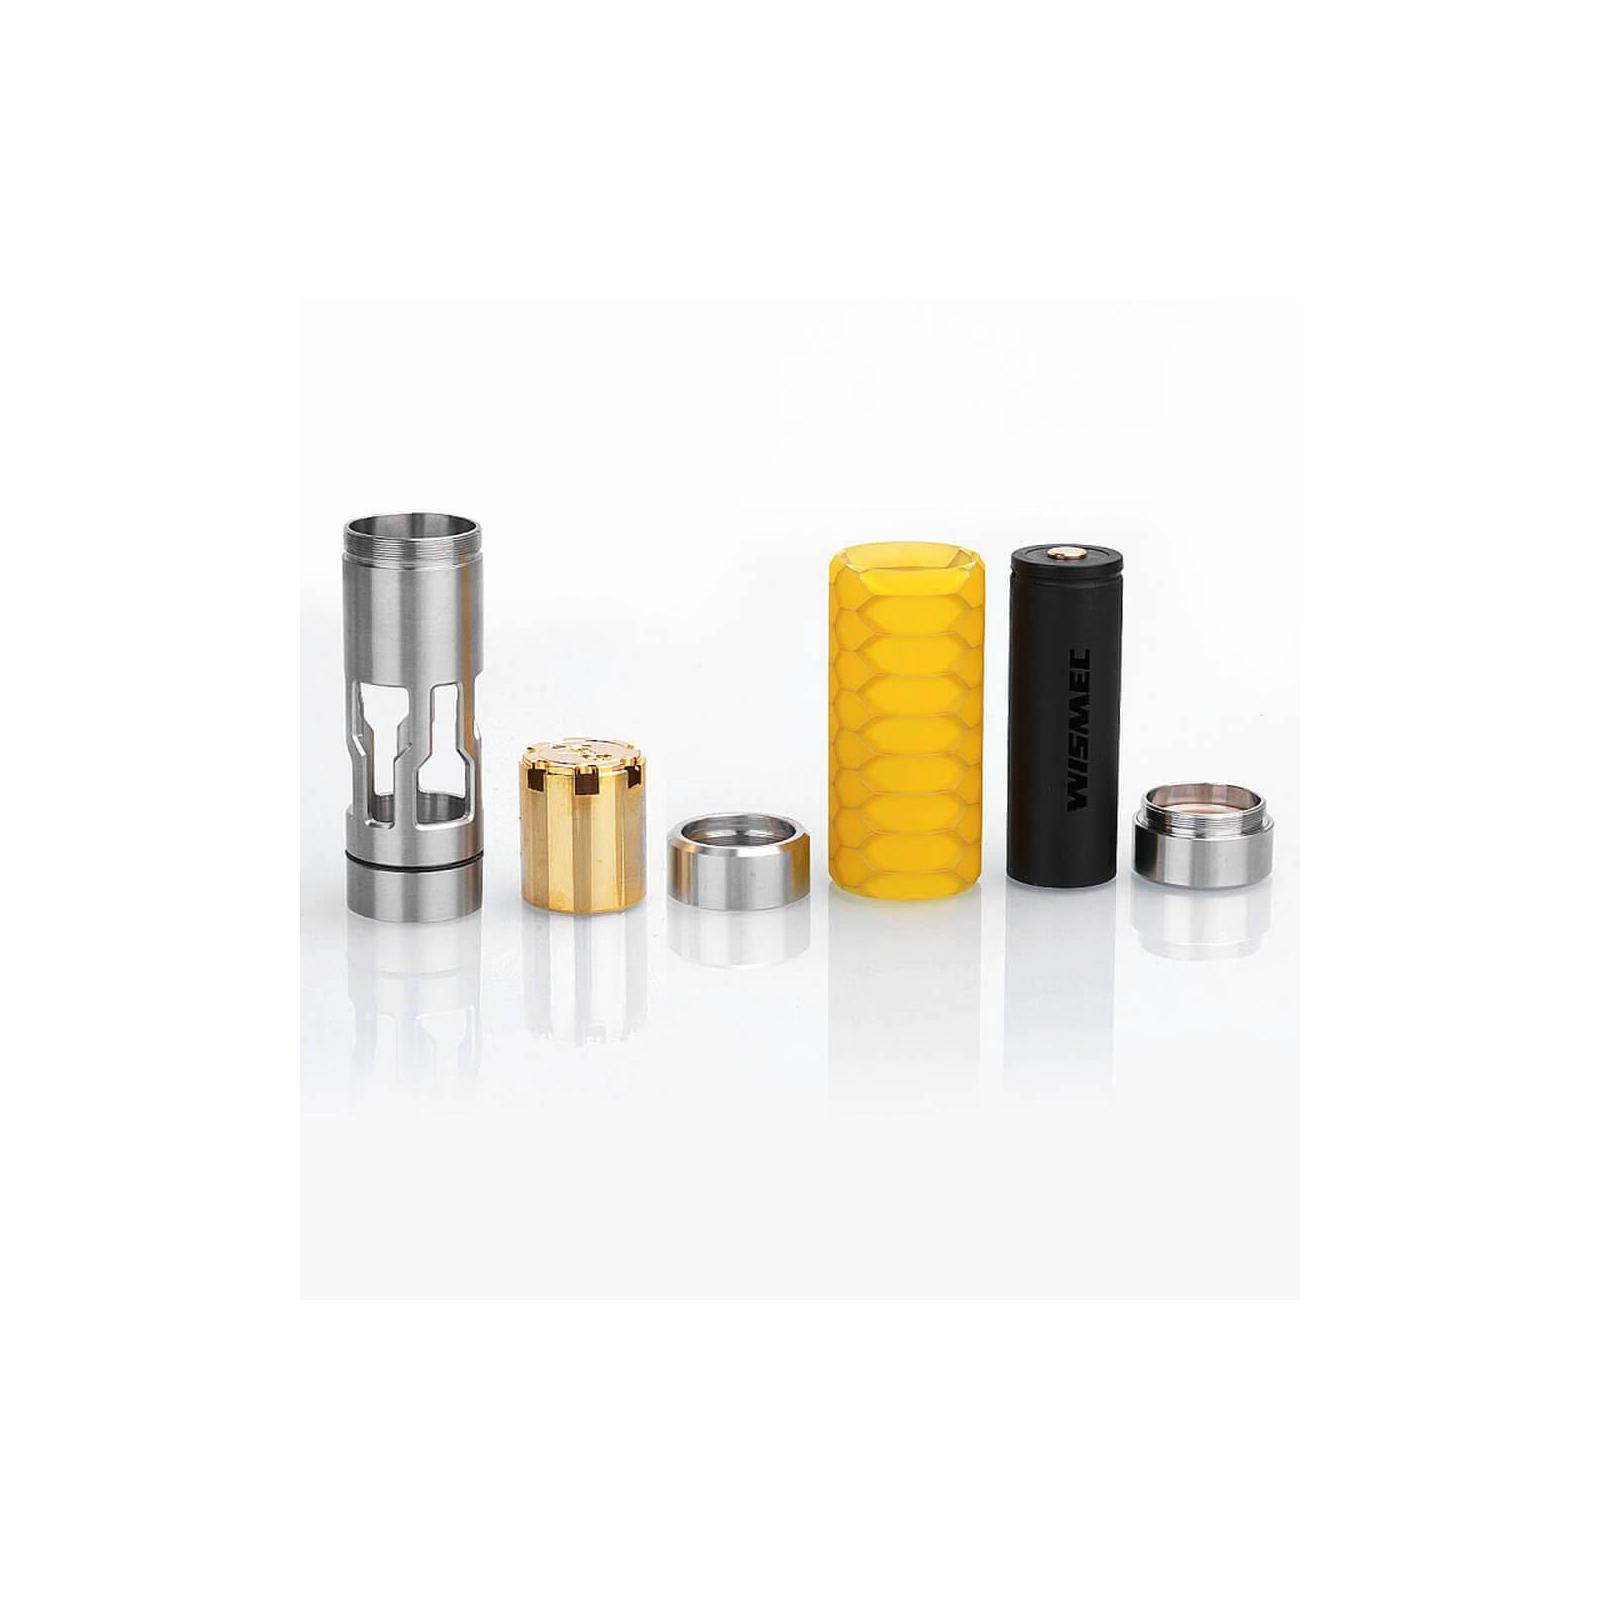 Стартовый набор Wismec Machina RDA Kit Honeycomb Resin (WSMCHY) изображение 5